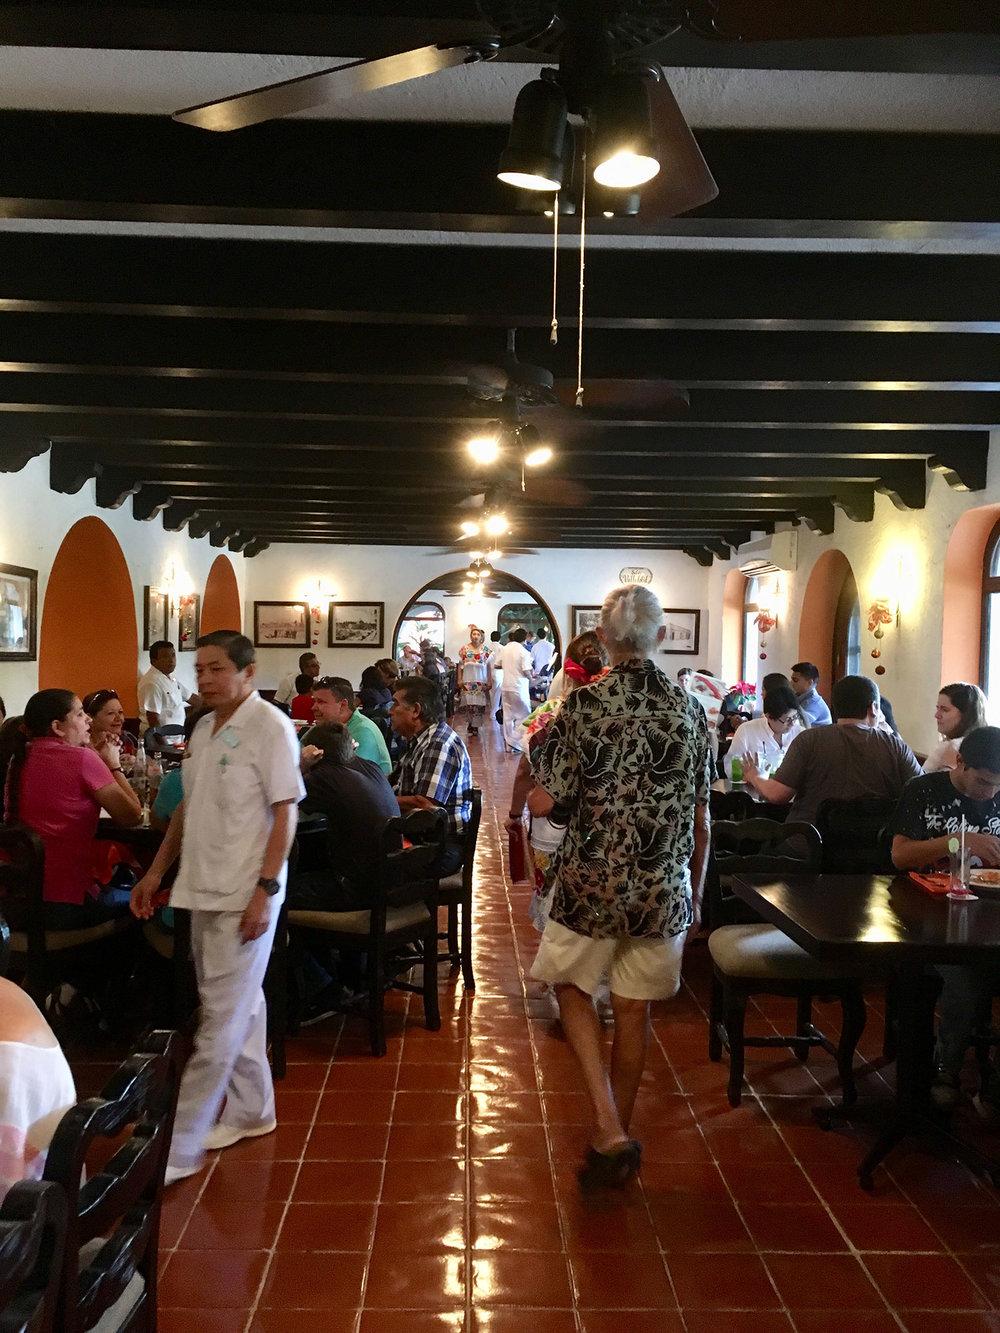 Hammocks_and_Ruins_Blog_Riviera_Maya_Mexico_Travel_Discover_Yucatan_What_to_do_Merida_Haciendas_Teya_18.jpg